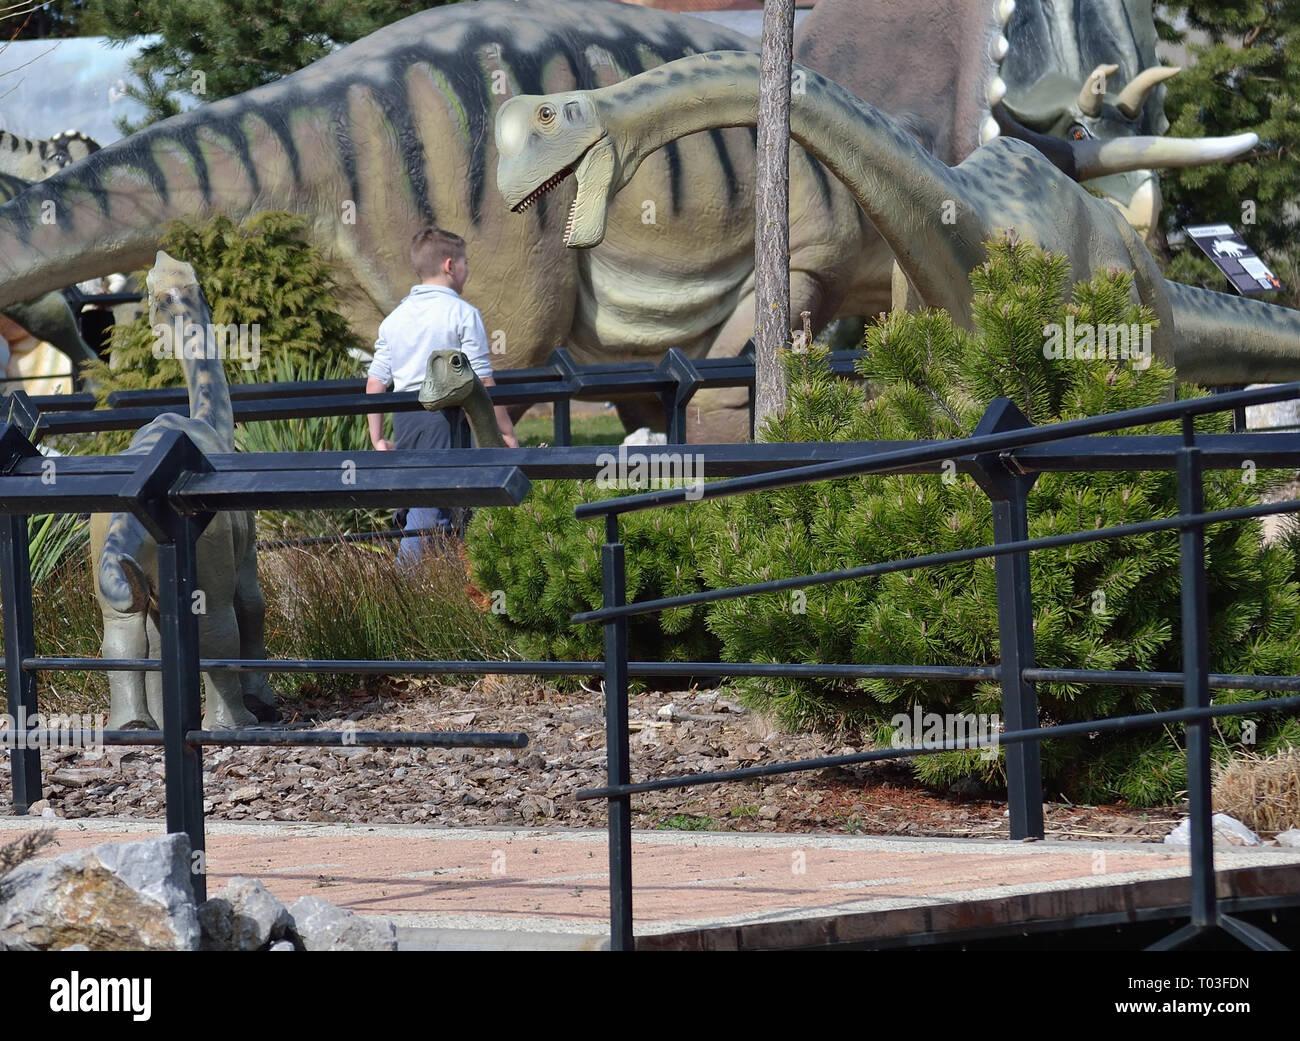 Boy visit the dino park Dinosville in Svilajnac, Serbia. - Stock Image